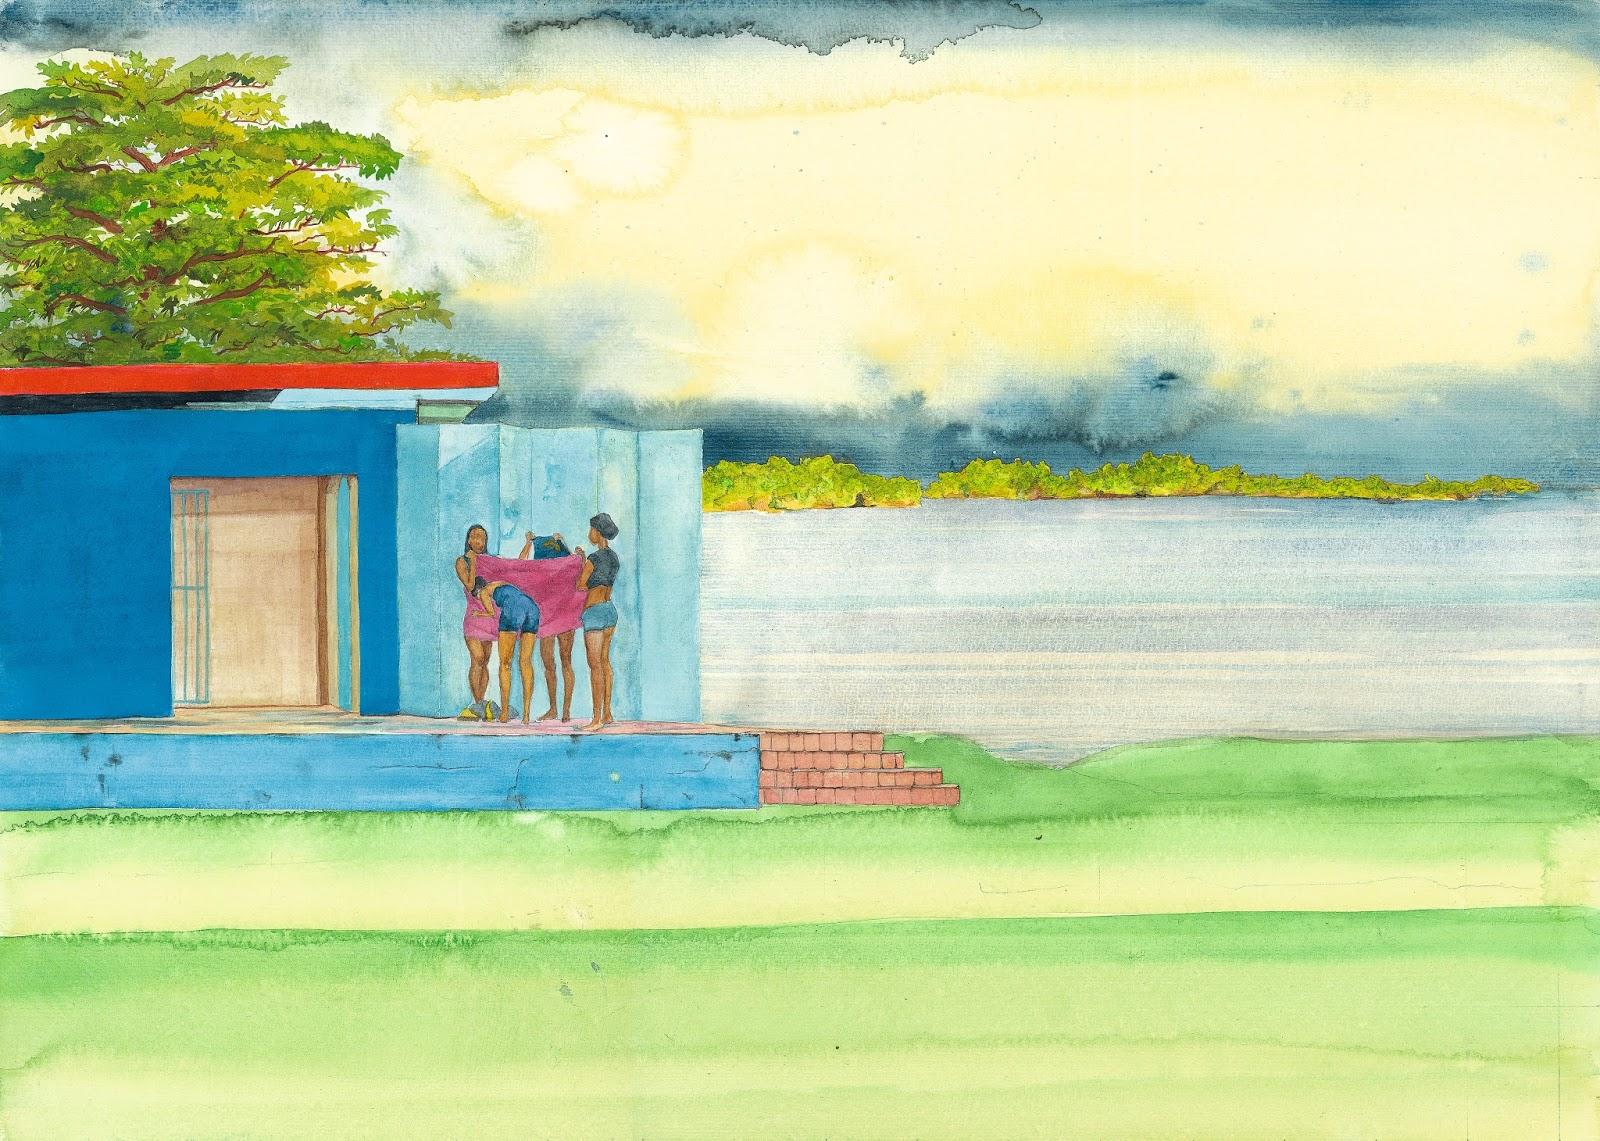 Ayodhya's Bathers, 2012